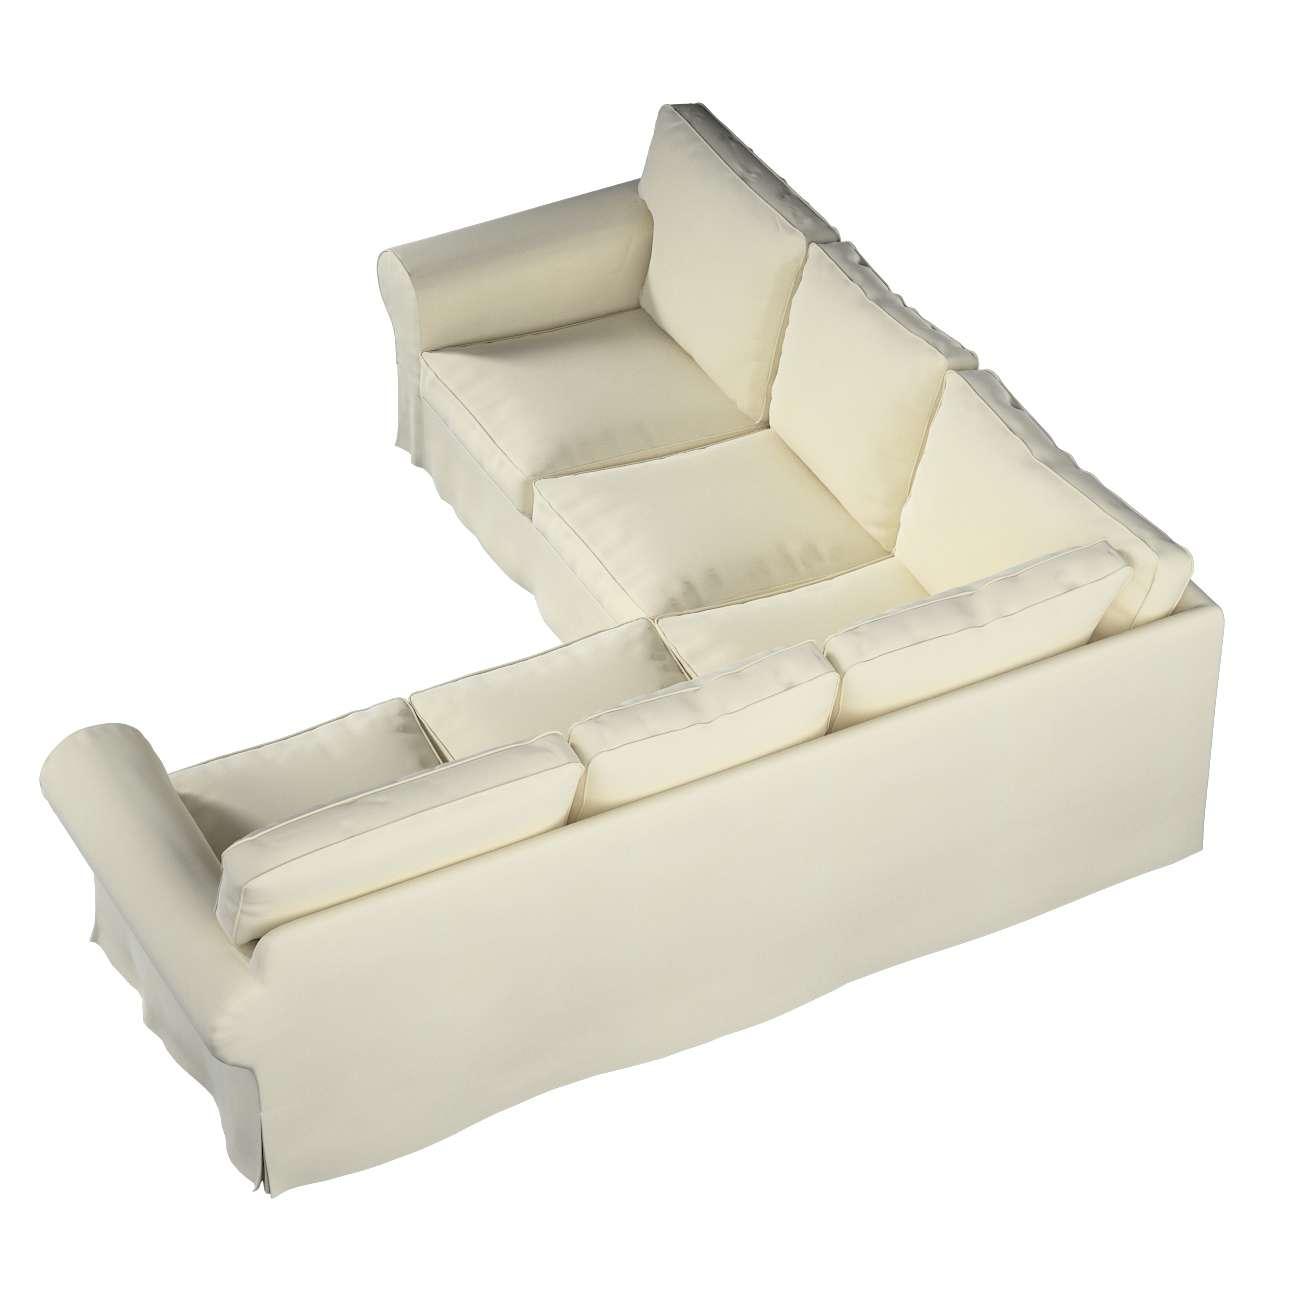 Pokrowiec na sofę narożną Ektorp w kolekcji Velvet, tkanina: 704-10